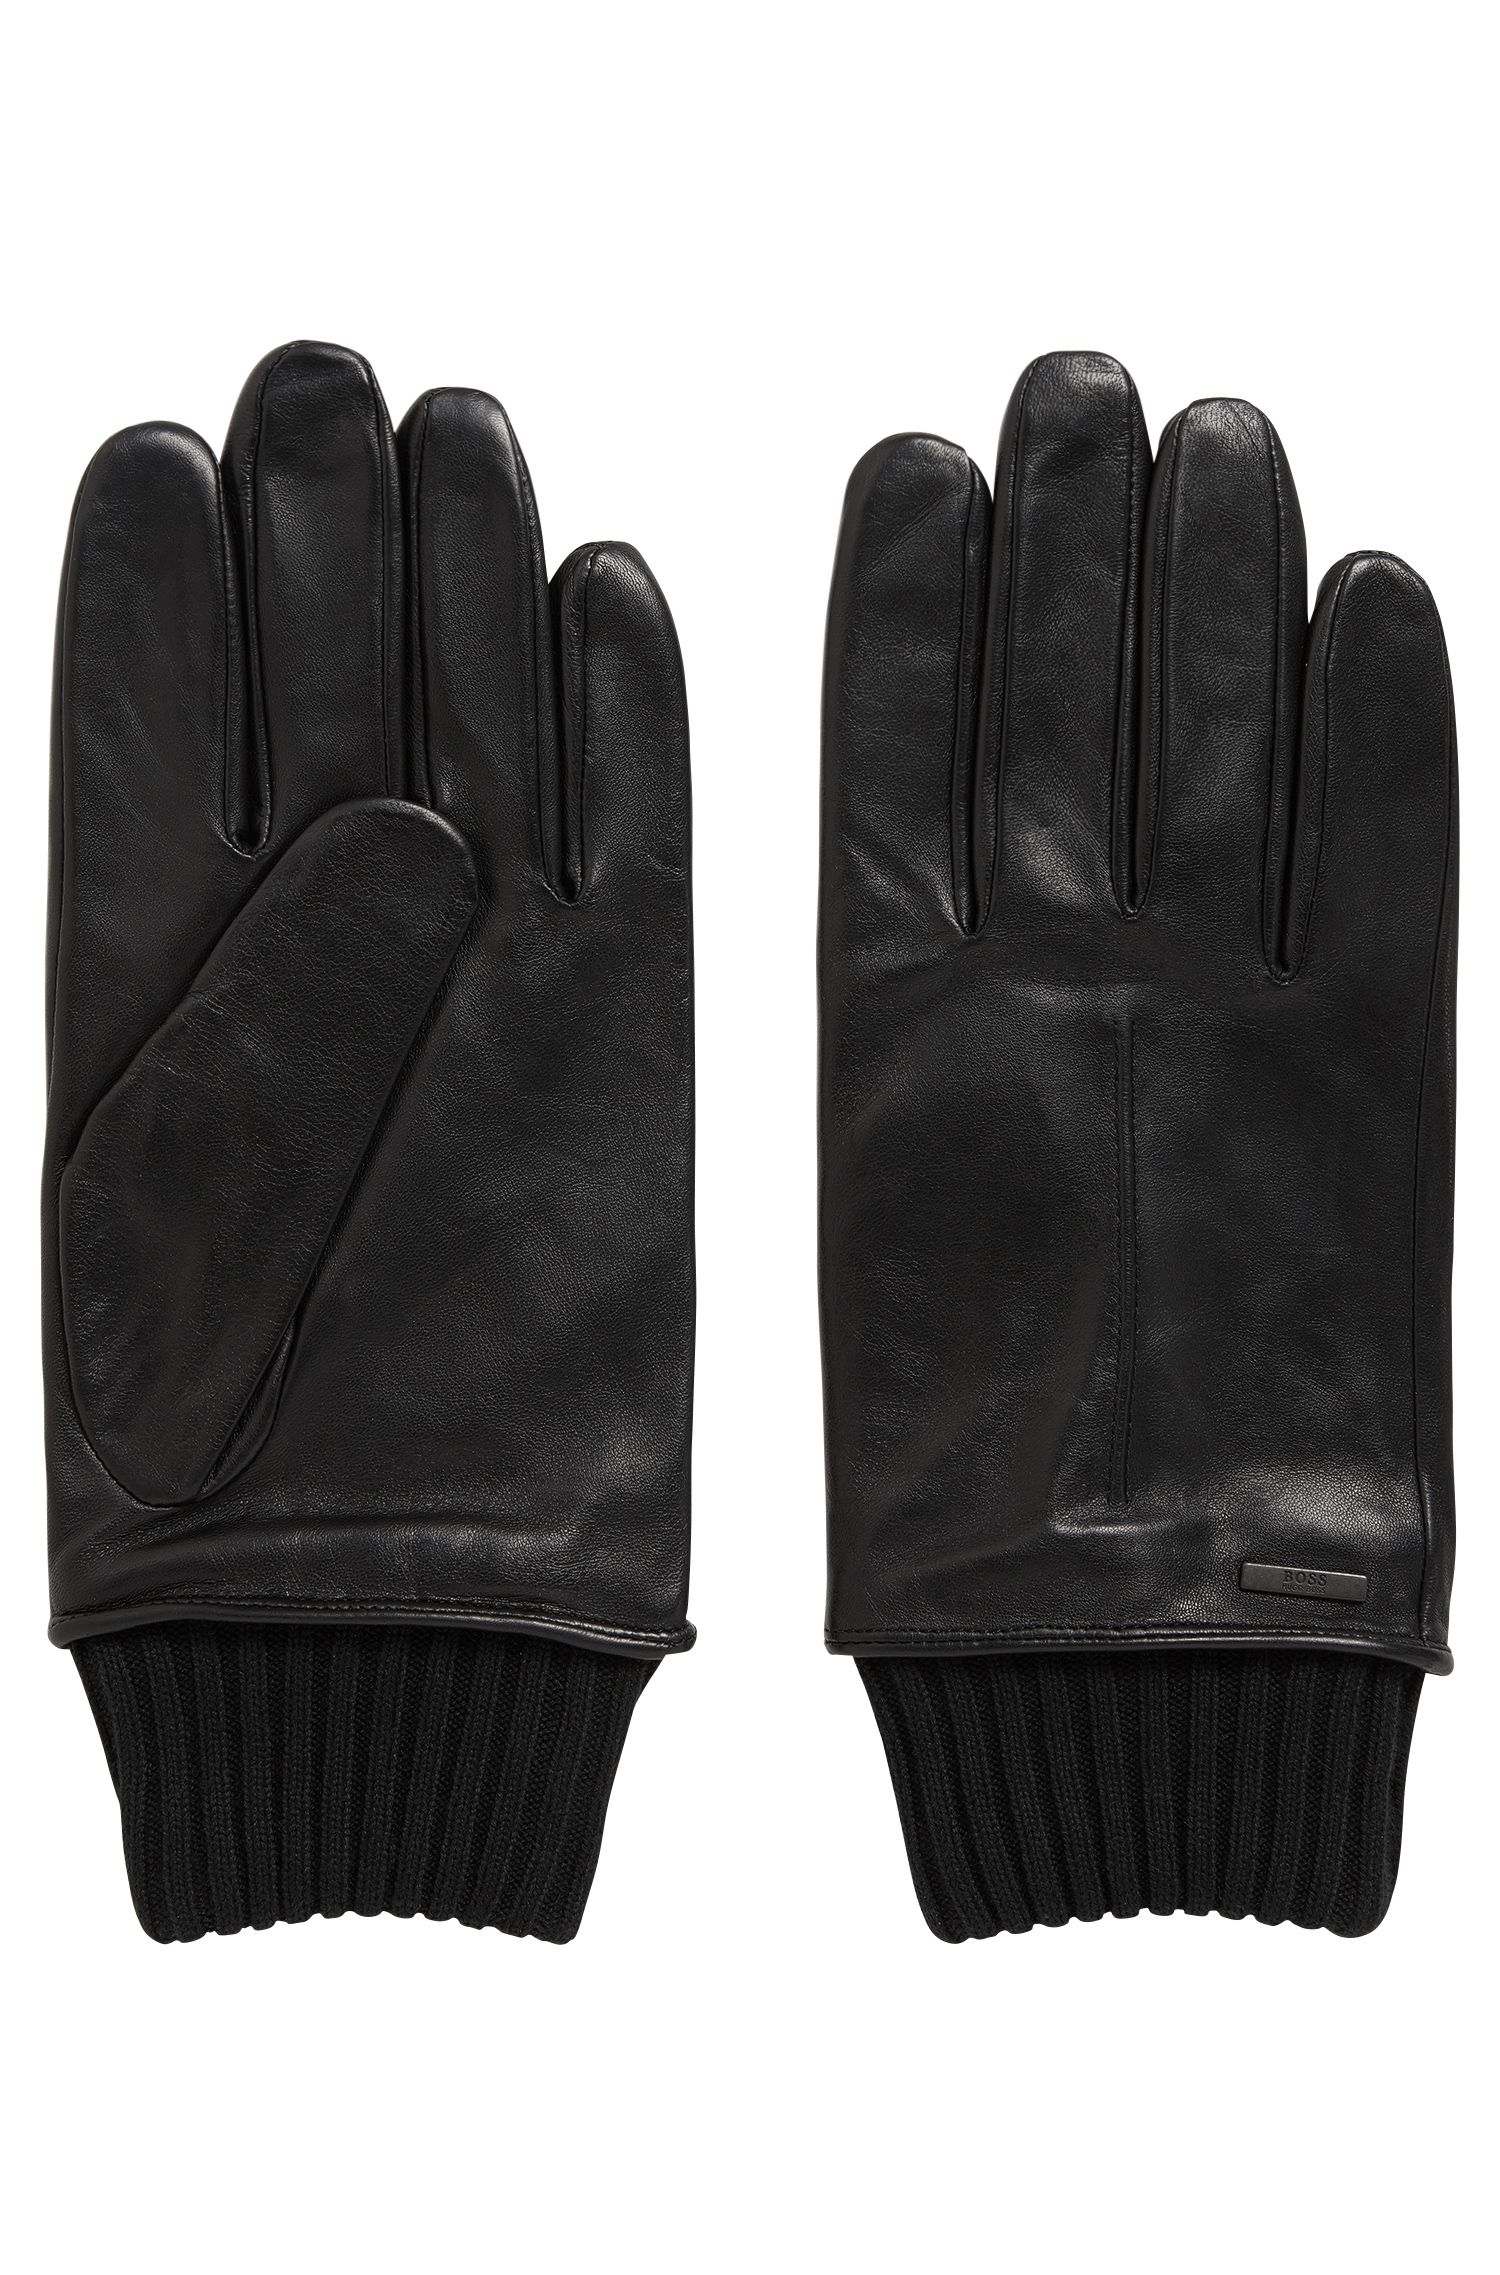 Lambskin Leather & Wool Blend Knit Glove | Harmyn WS